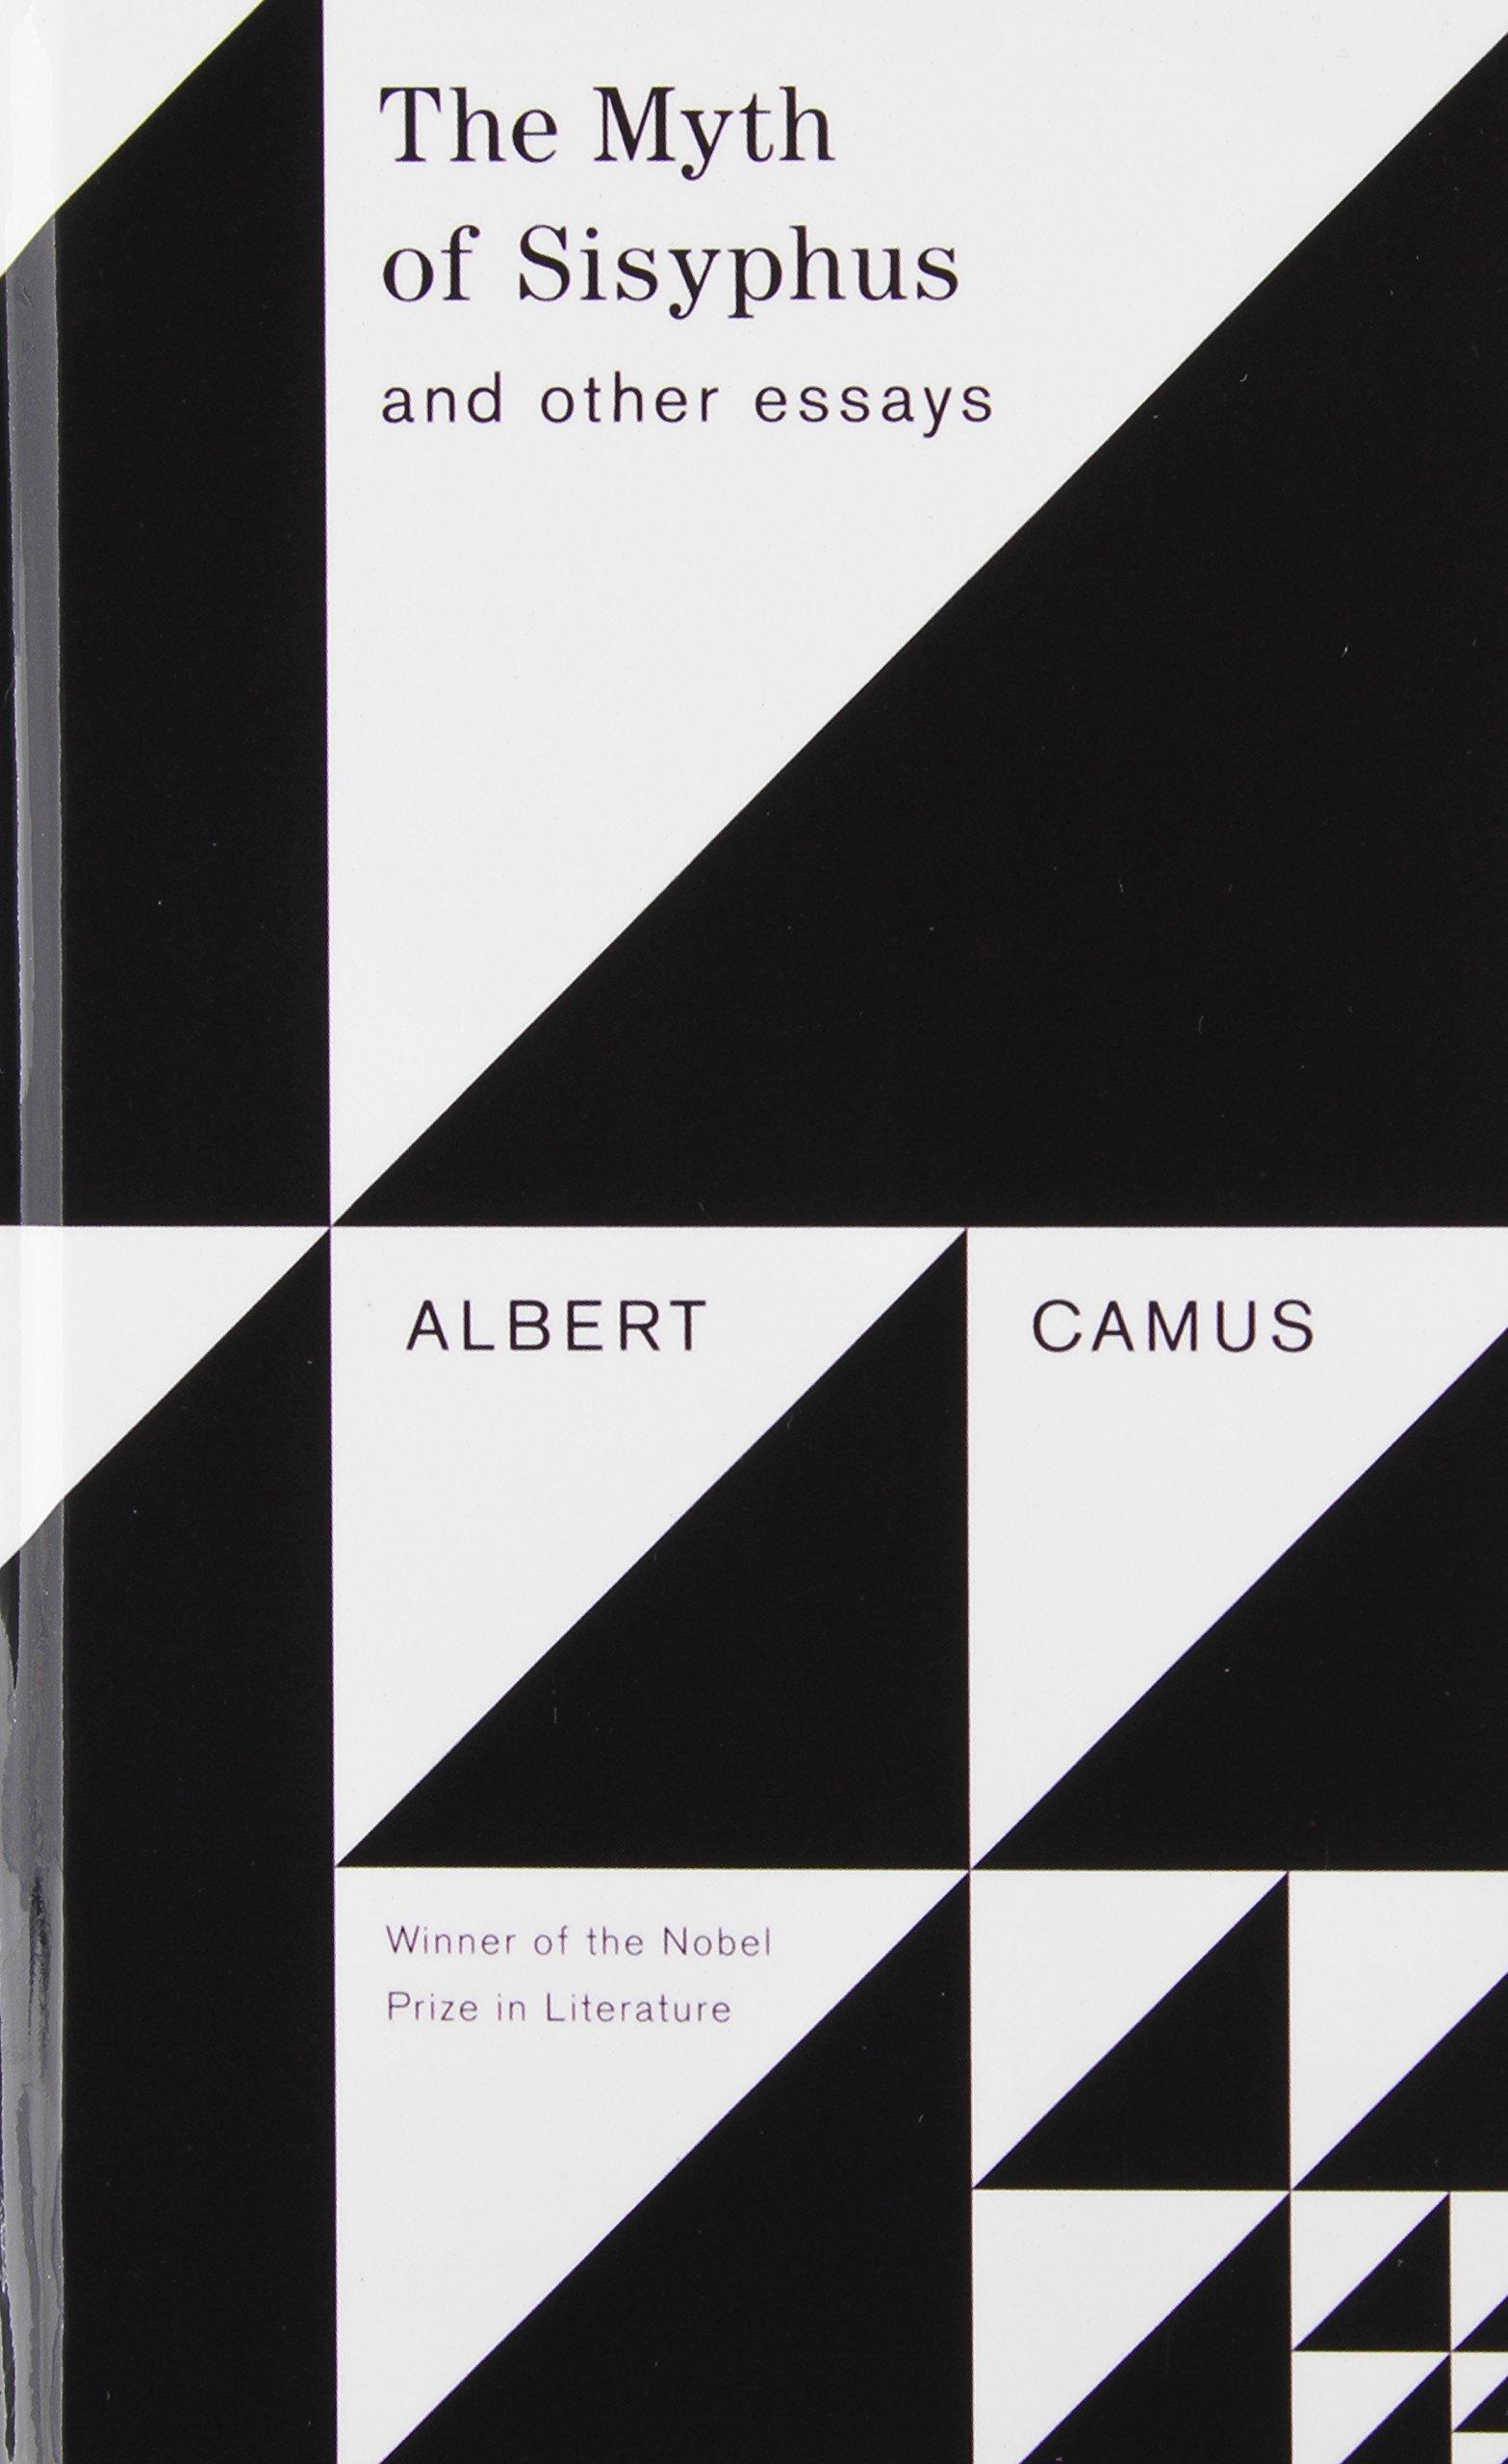 Camus_Sisyphus